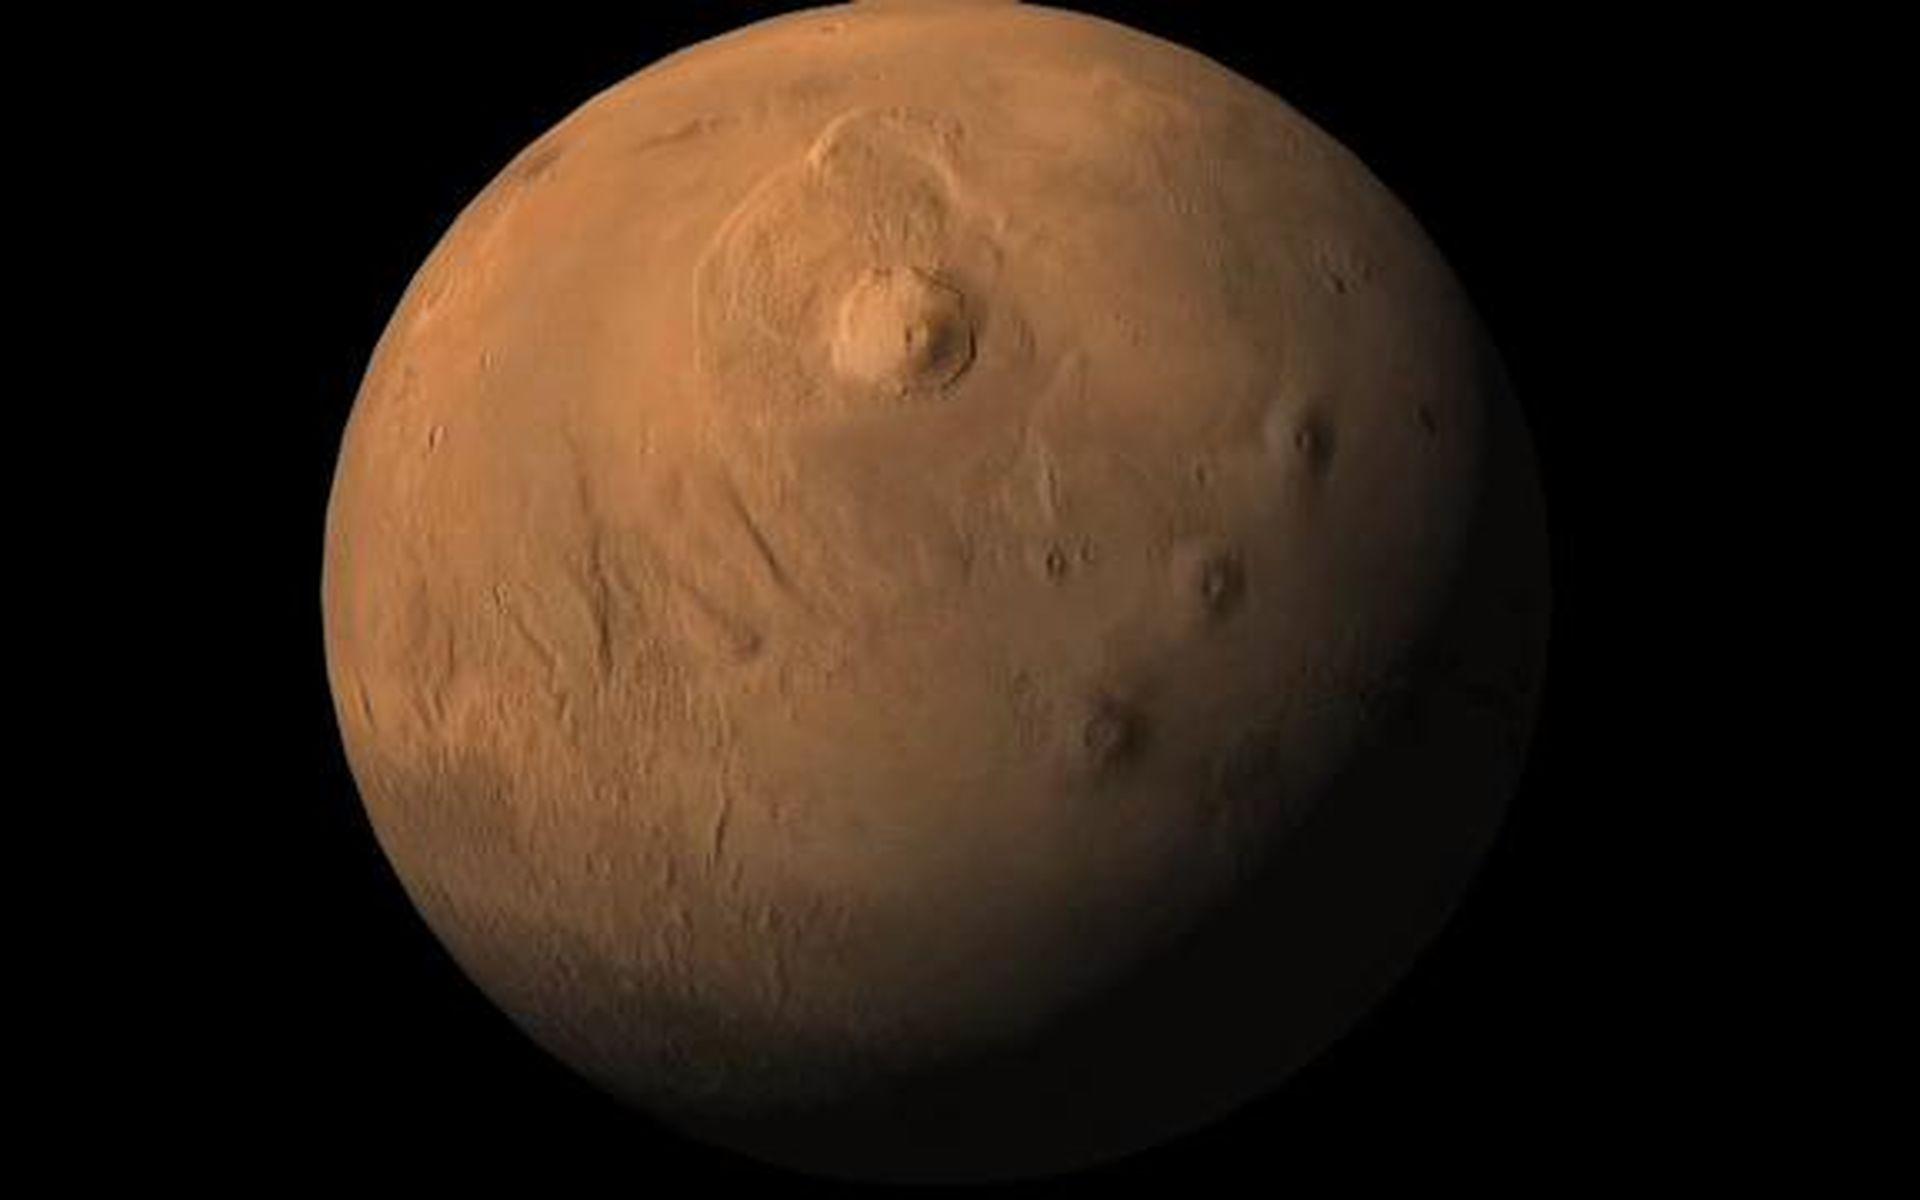 mars nasa earth animation - photo #11